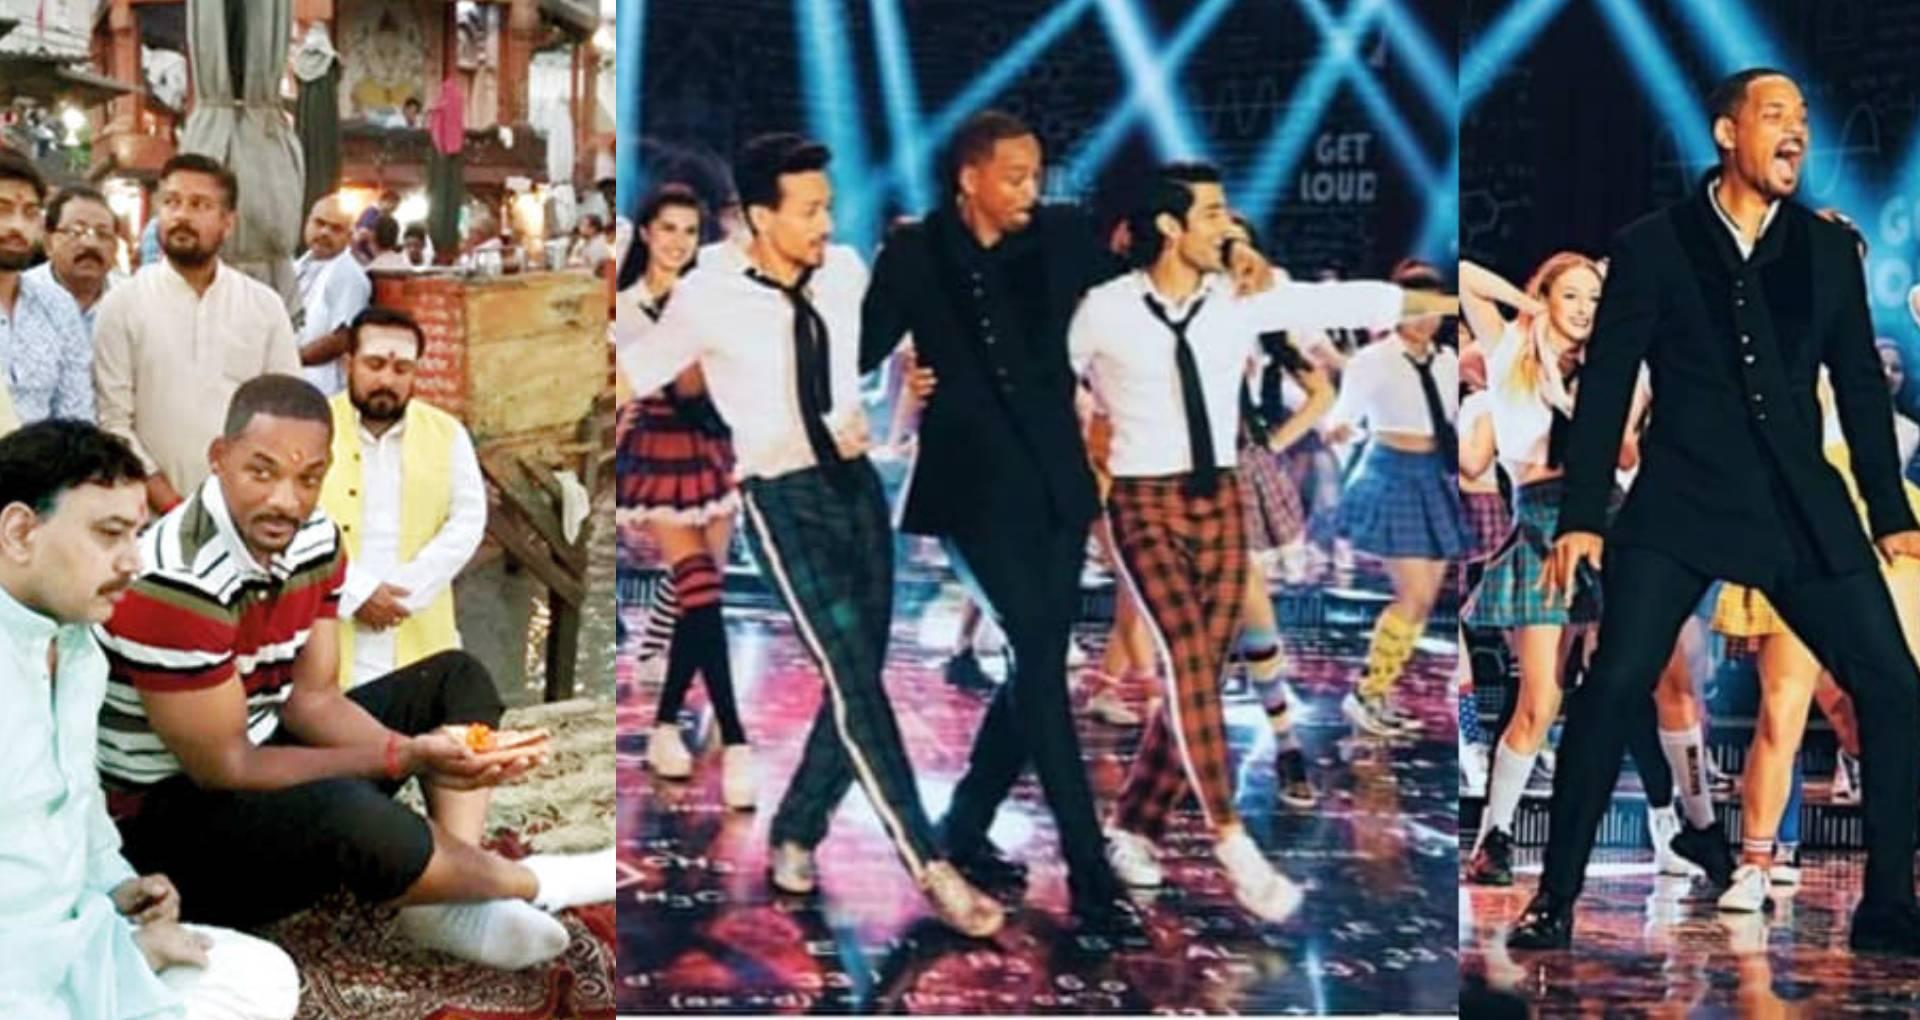 टाइगर श्रॉफ और अनन्या पांडे के साथ बॉलीवुड सॉन्ग पर थिरके हॉलीवुड एक्टर विल स्मिथ, इस काम के लिए की गंगा आरती